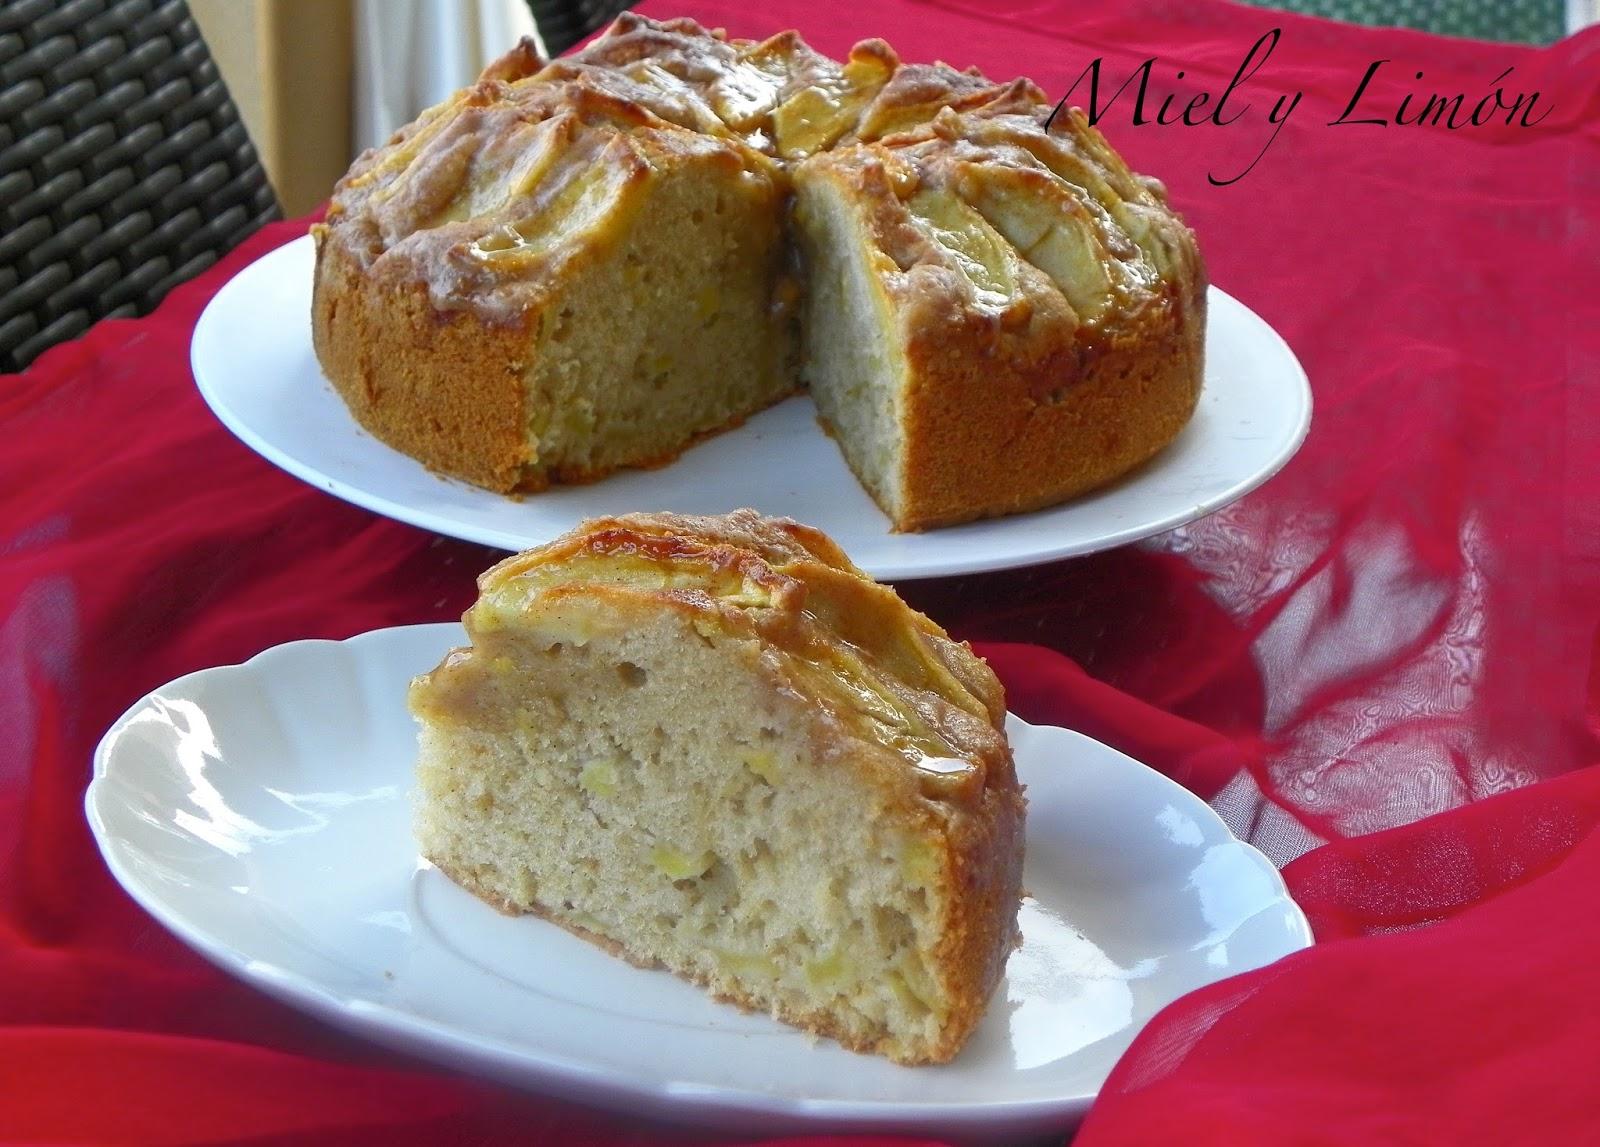 Miel y lim n bizcocho de manzana y canela for Bizcocho de manzana y canela